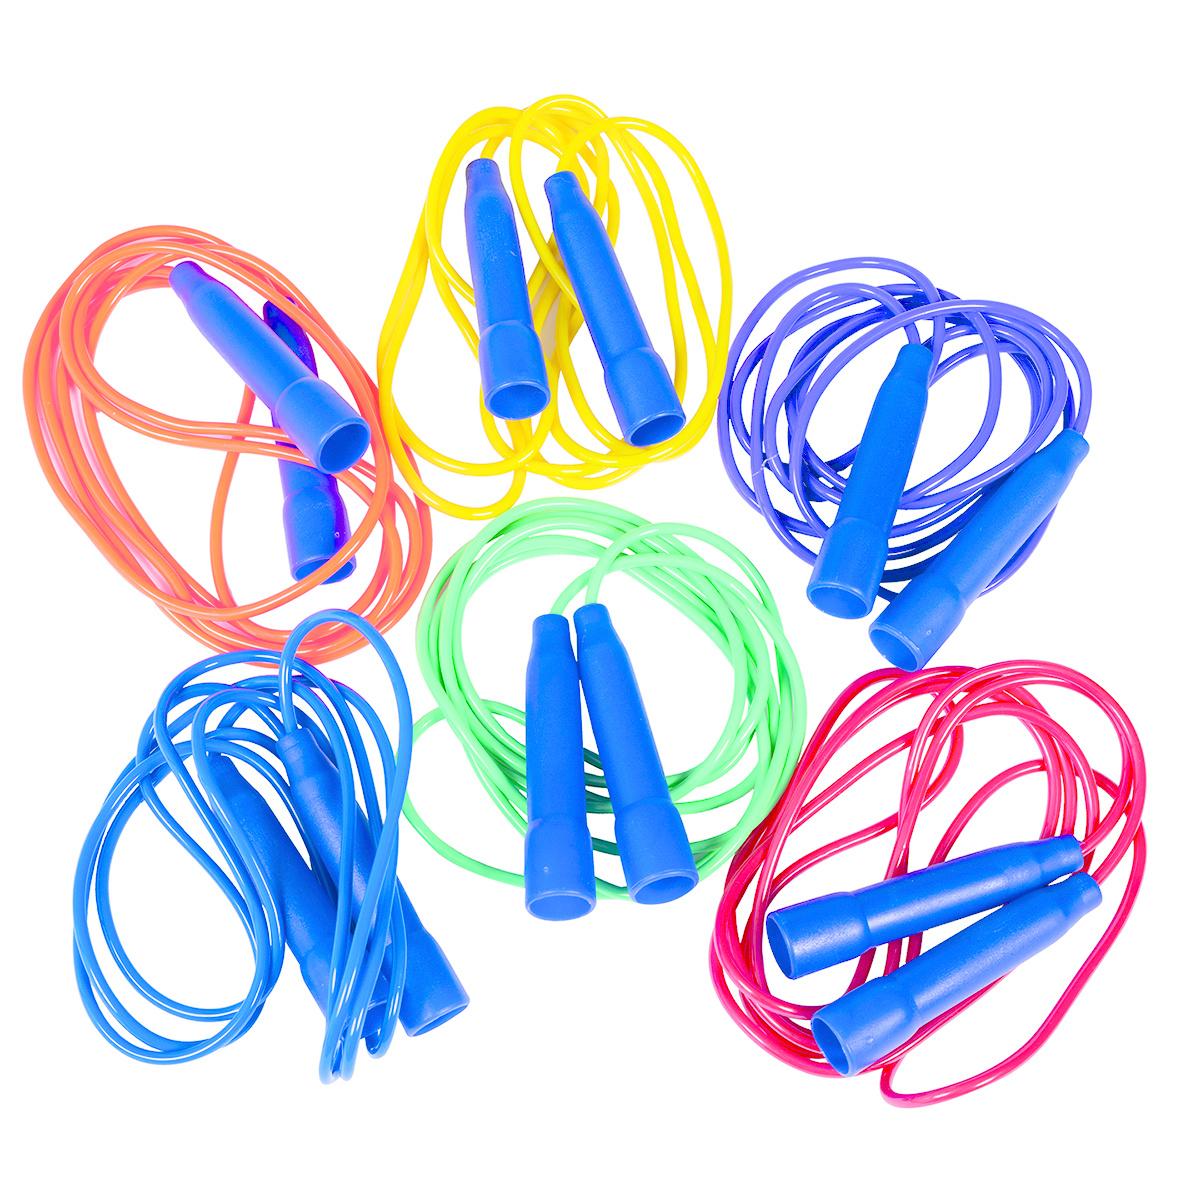 Springtouwen - set van 6 kleuren-1